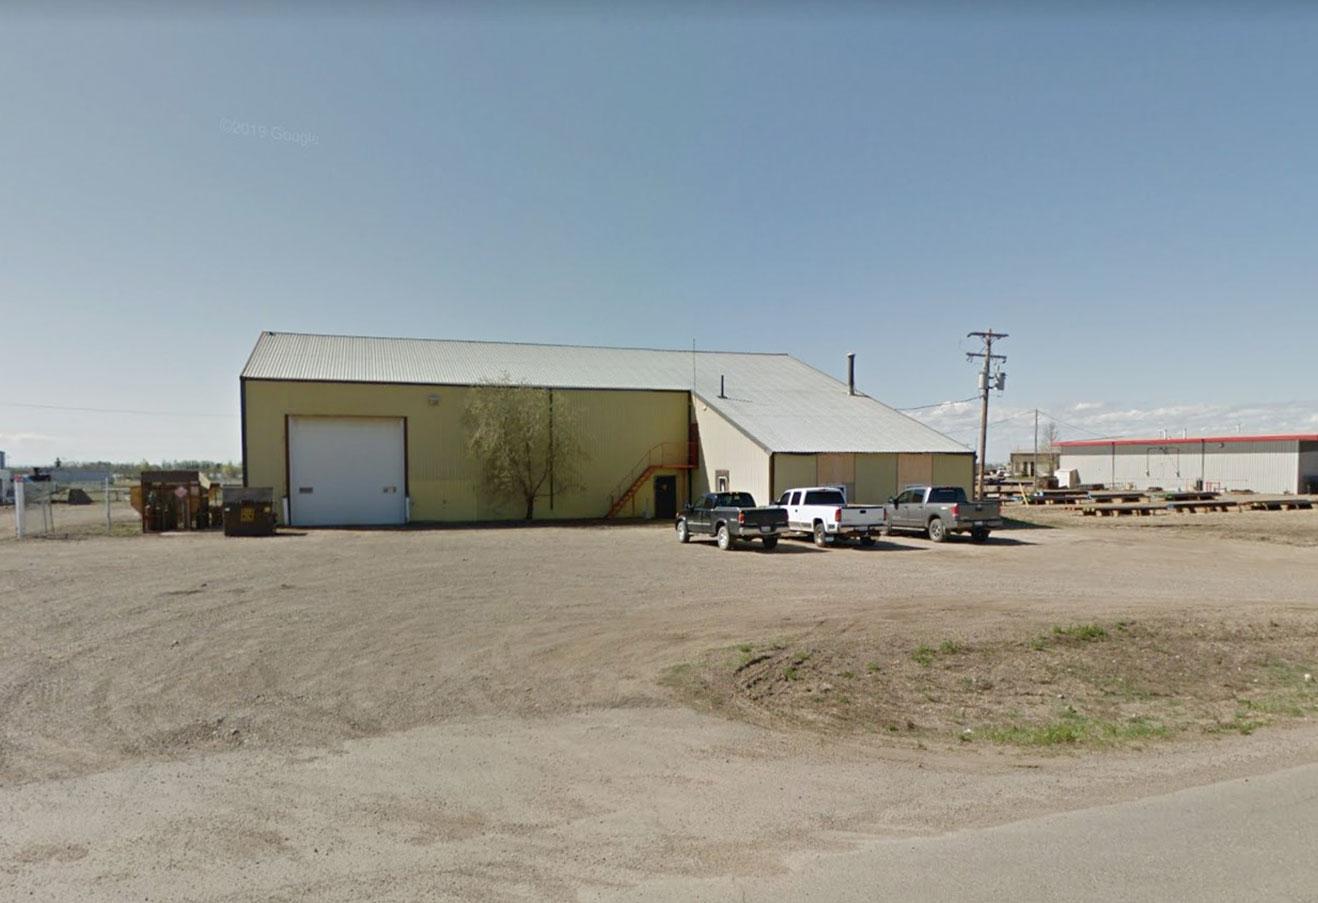 Fairview, Alberta